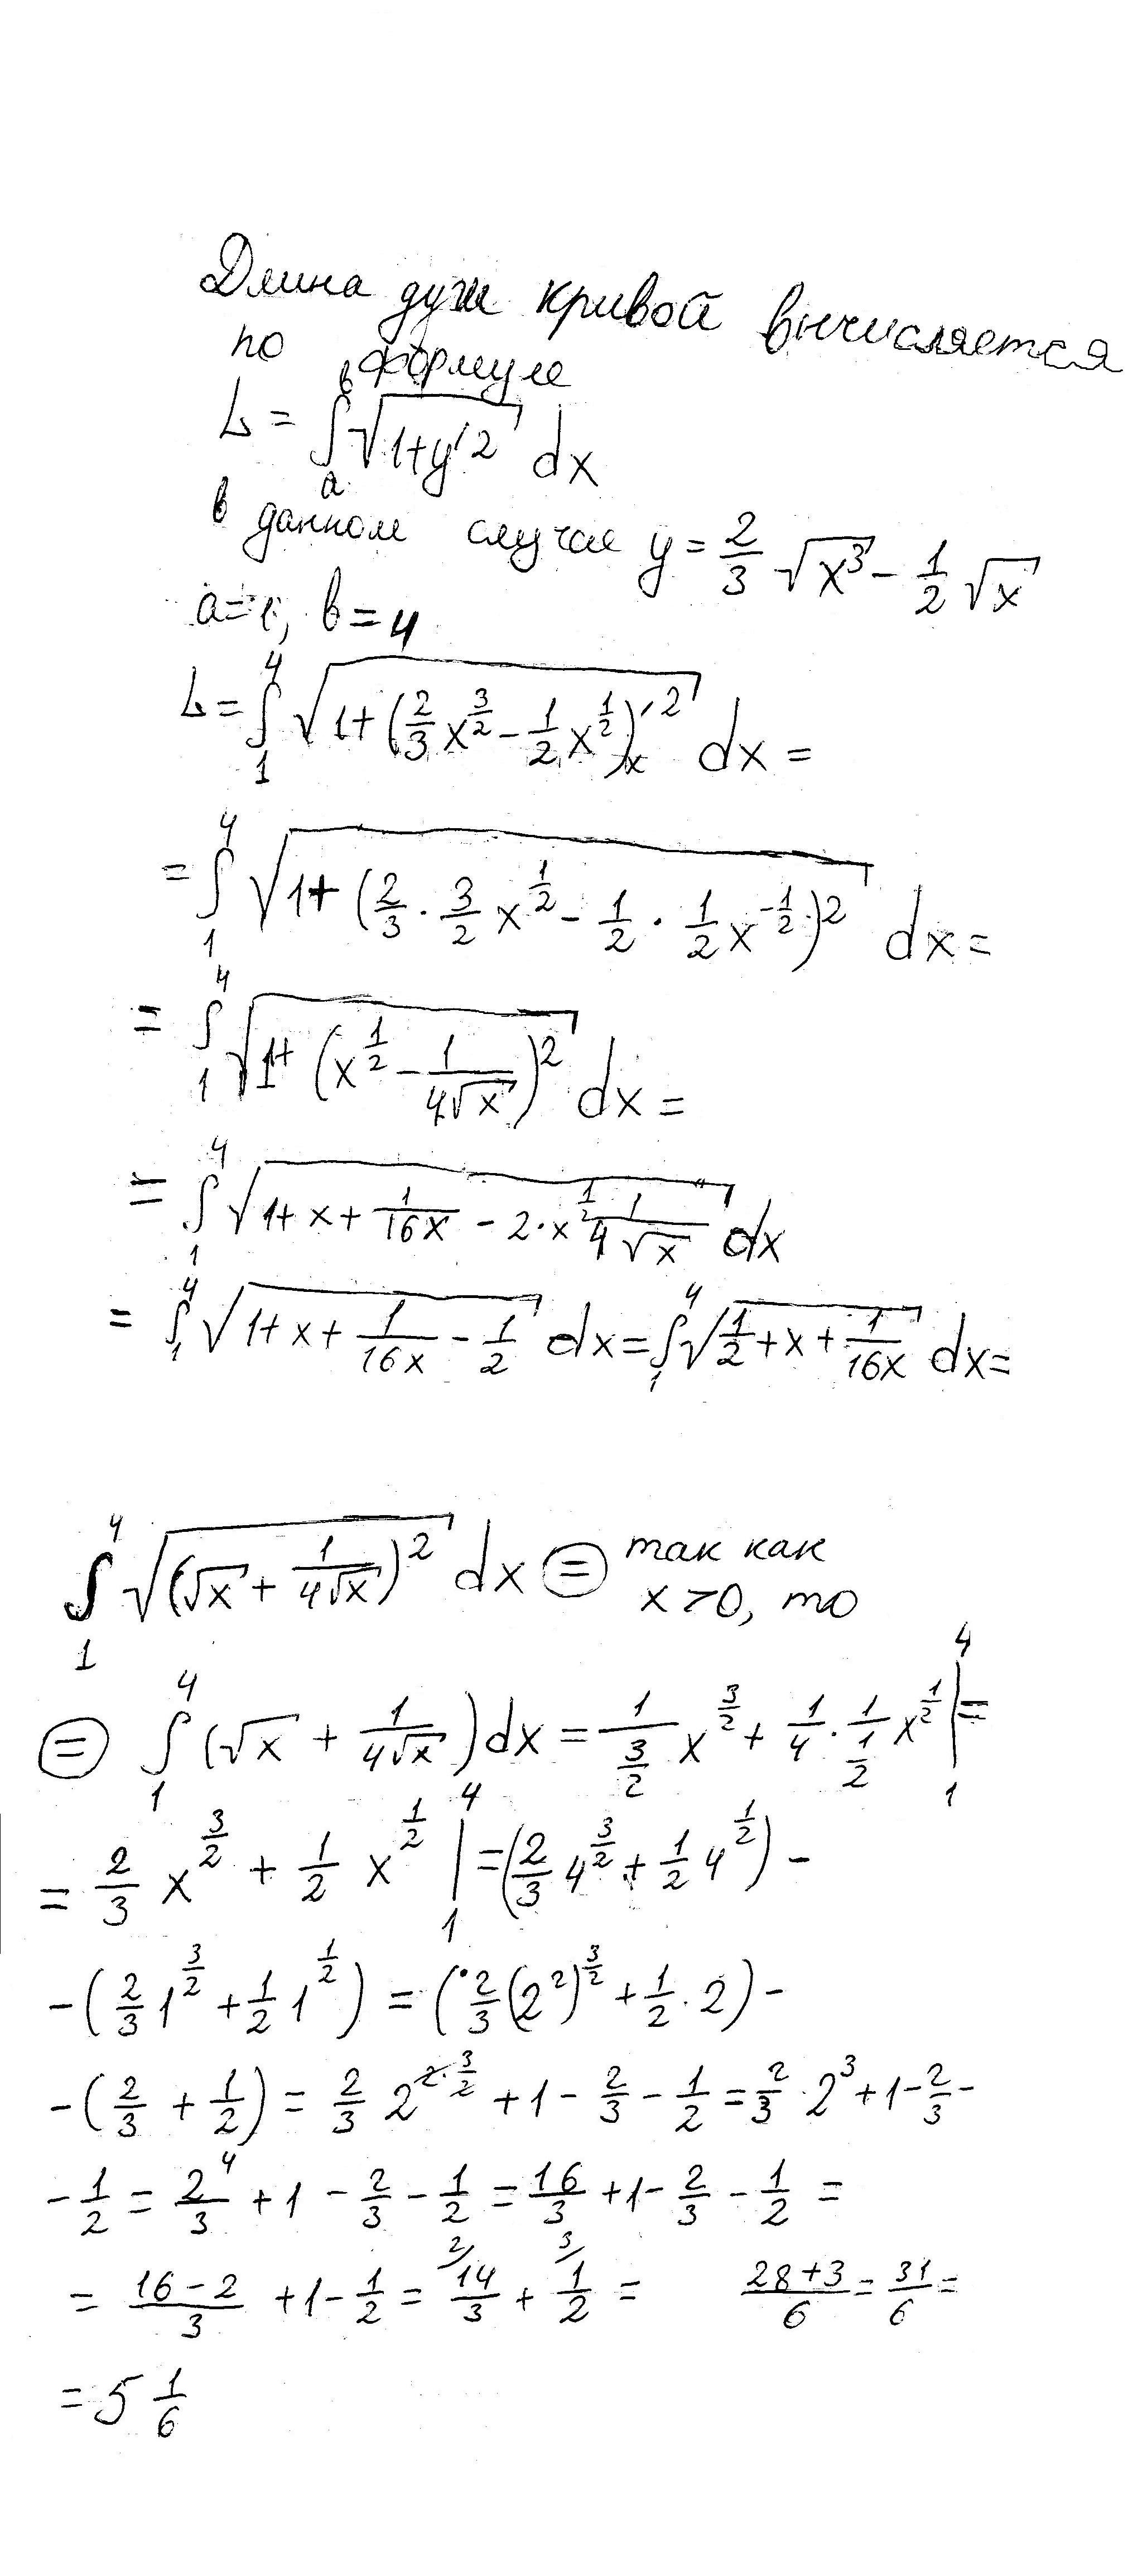 Вычислить длинну дуги той части кривой , которая